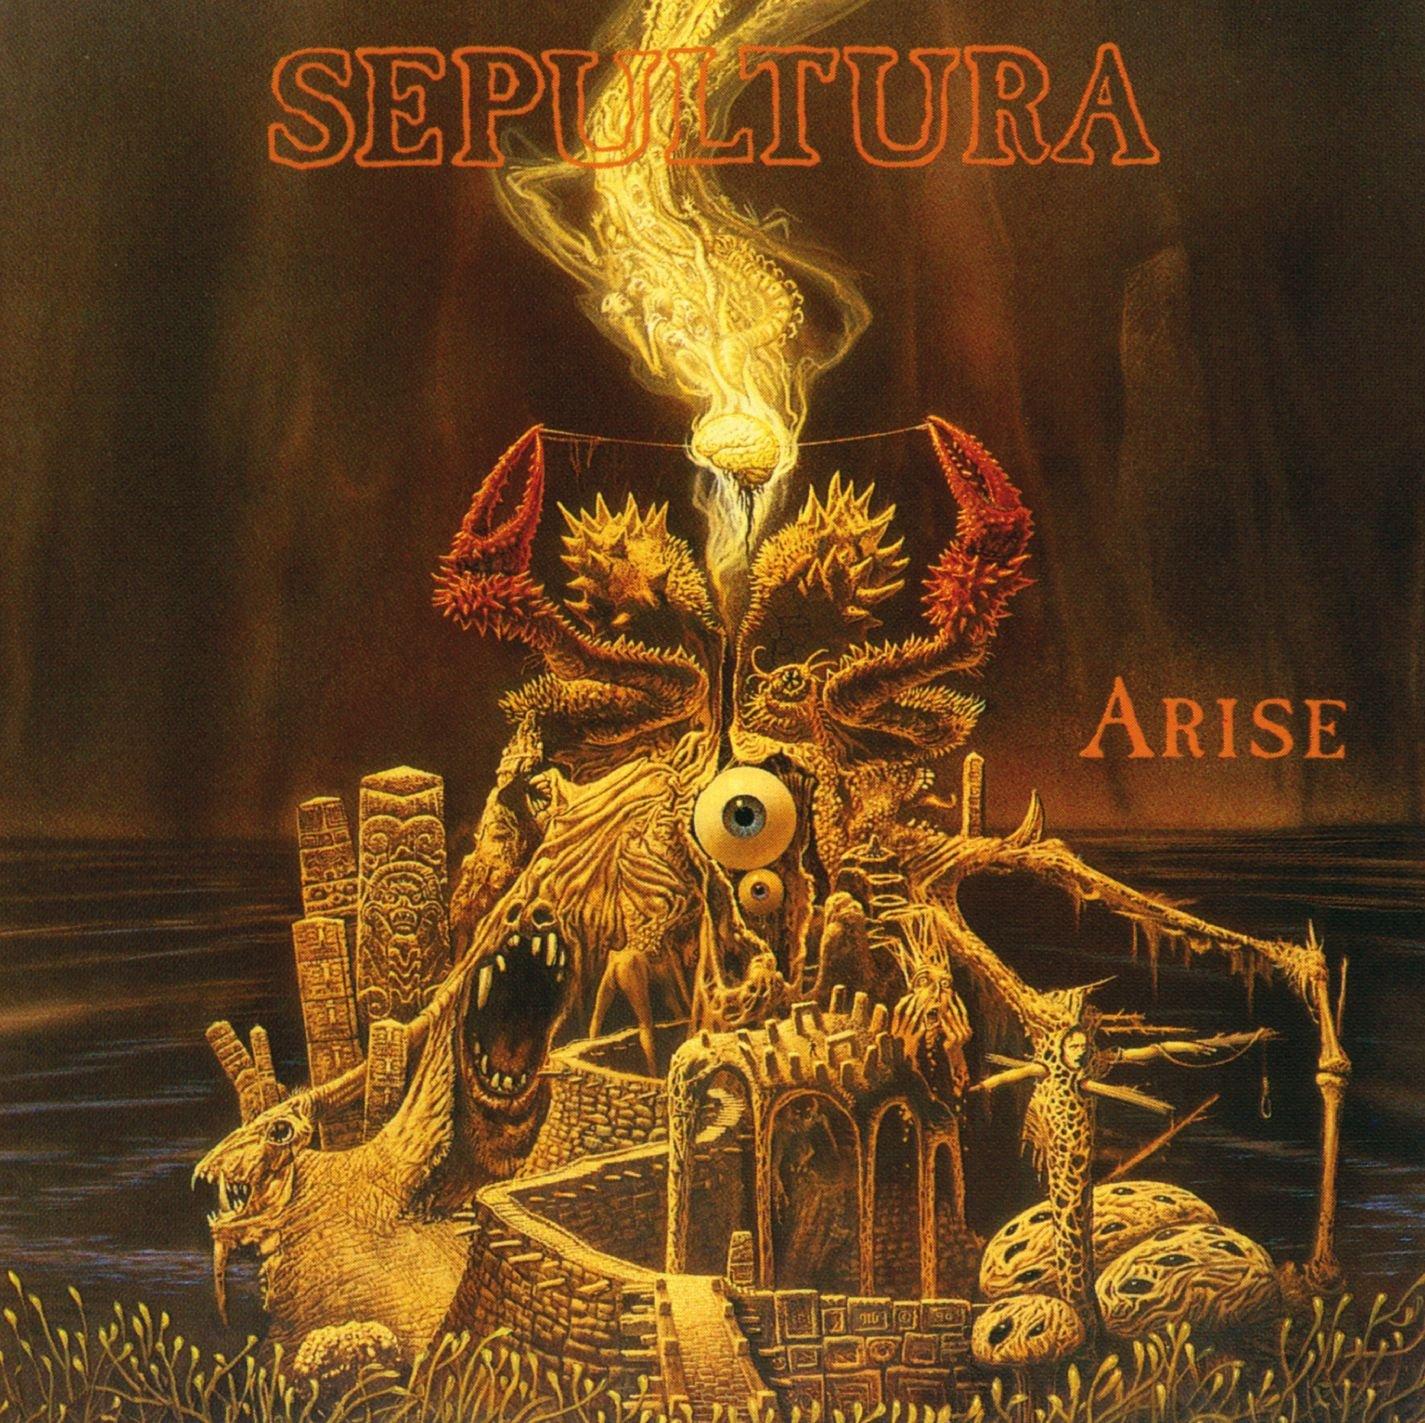 Sepultura - Arise (2018) [FLAC] Download